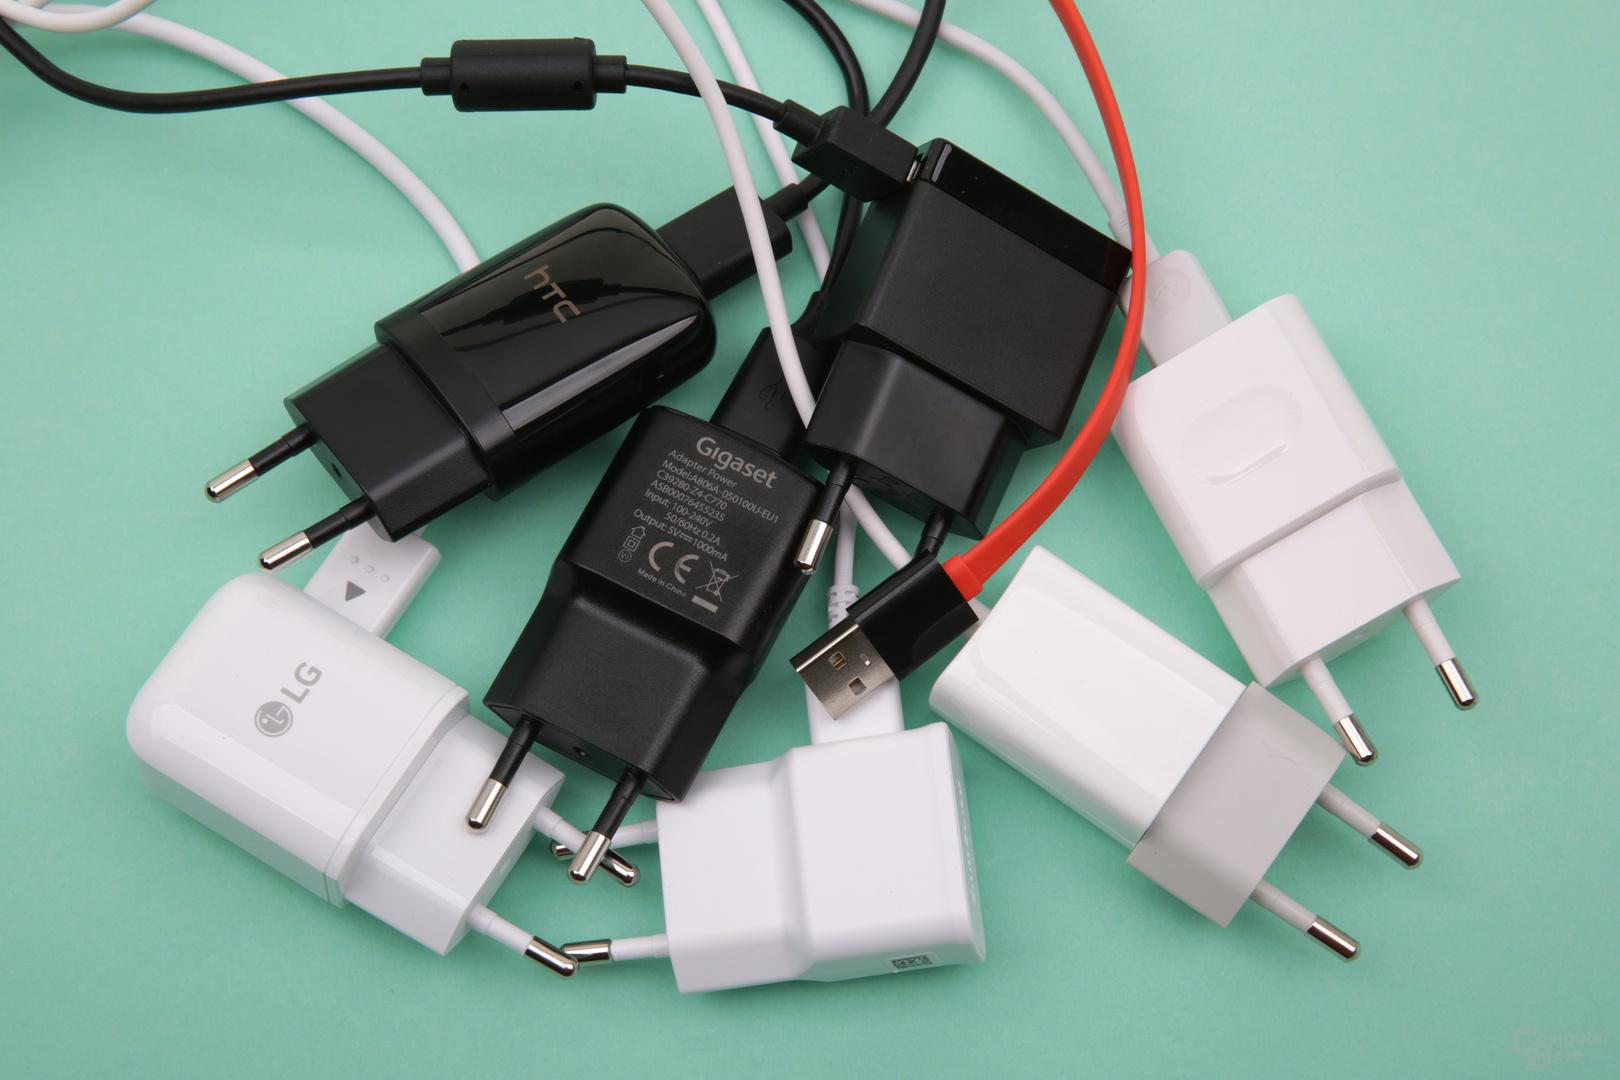 Bei Netzteilen wird häufig gespart, Wileyfox verzichtet komplett darauf